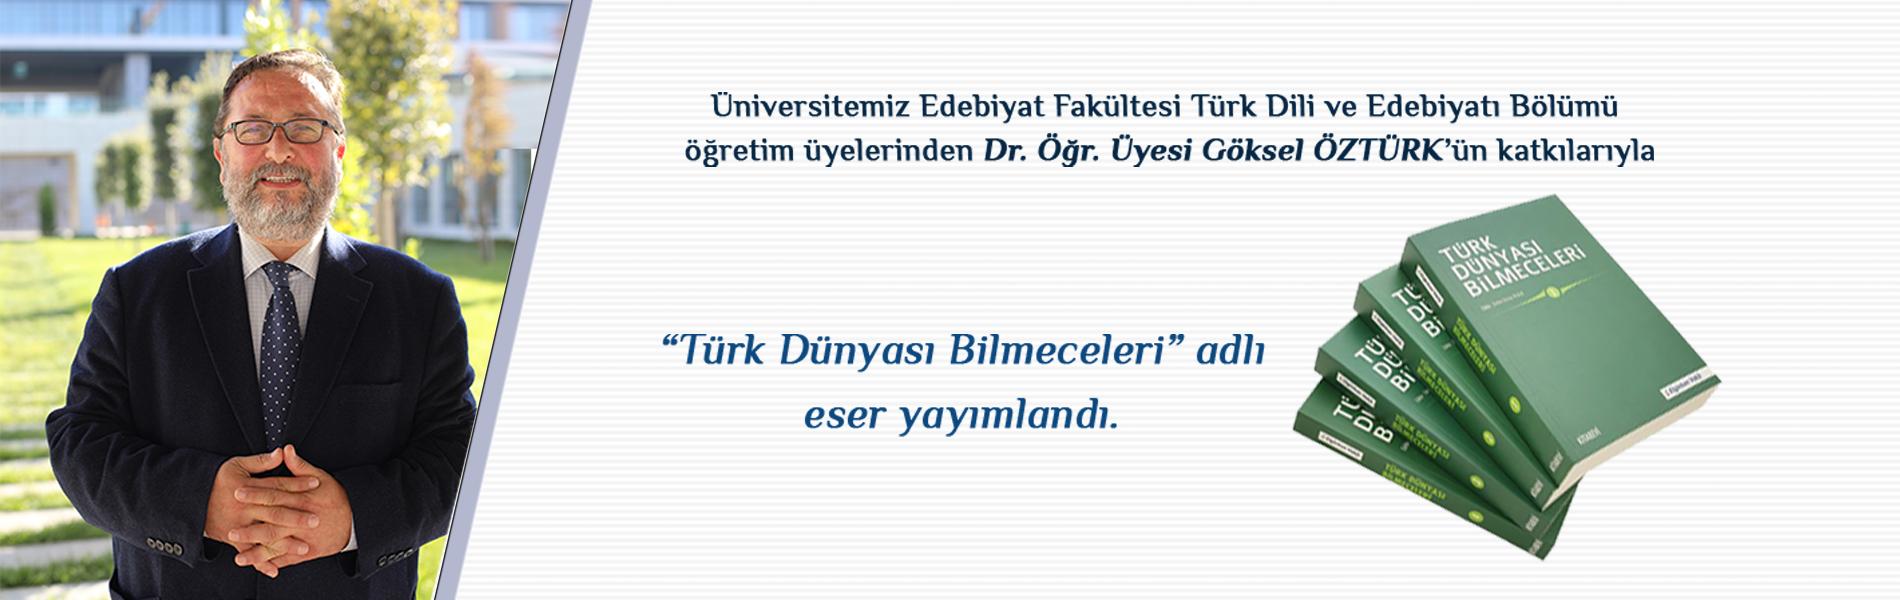 """Dr. Öğretim Üyesi Göksel ÖZTÜRK'ün Lale AZAMATOVA-SAFİNA ile birlikte """"Başkurt Bilmeceleri"""" Bölümünü Hazırladığı """"Türk Dünyası Bilmeceleri"""" Yayımlandı"""